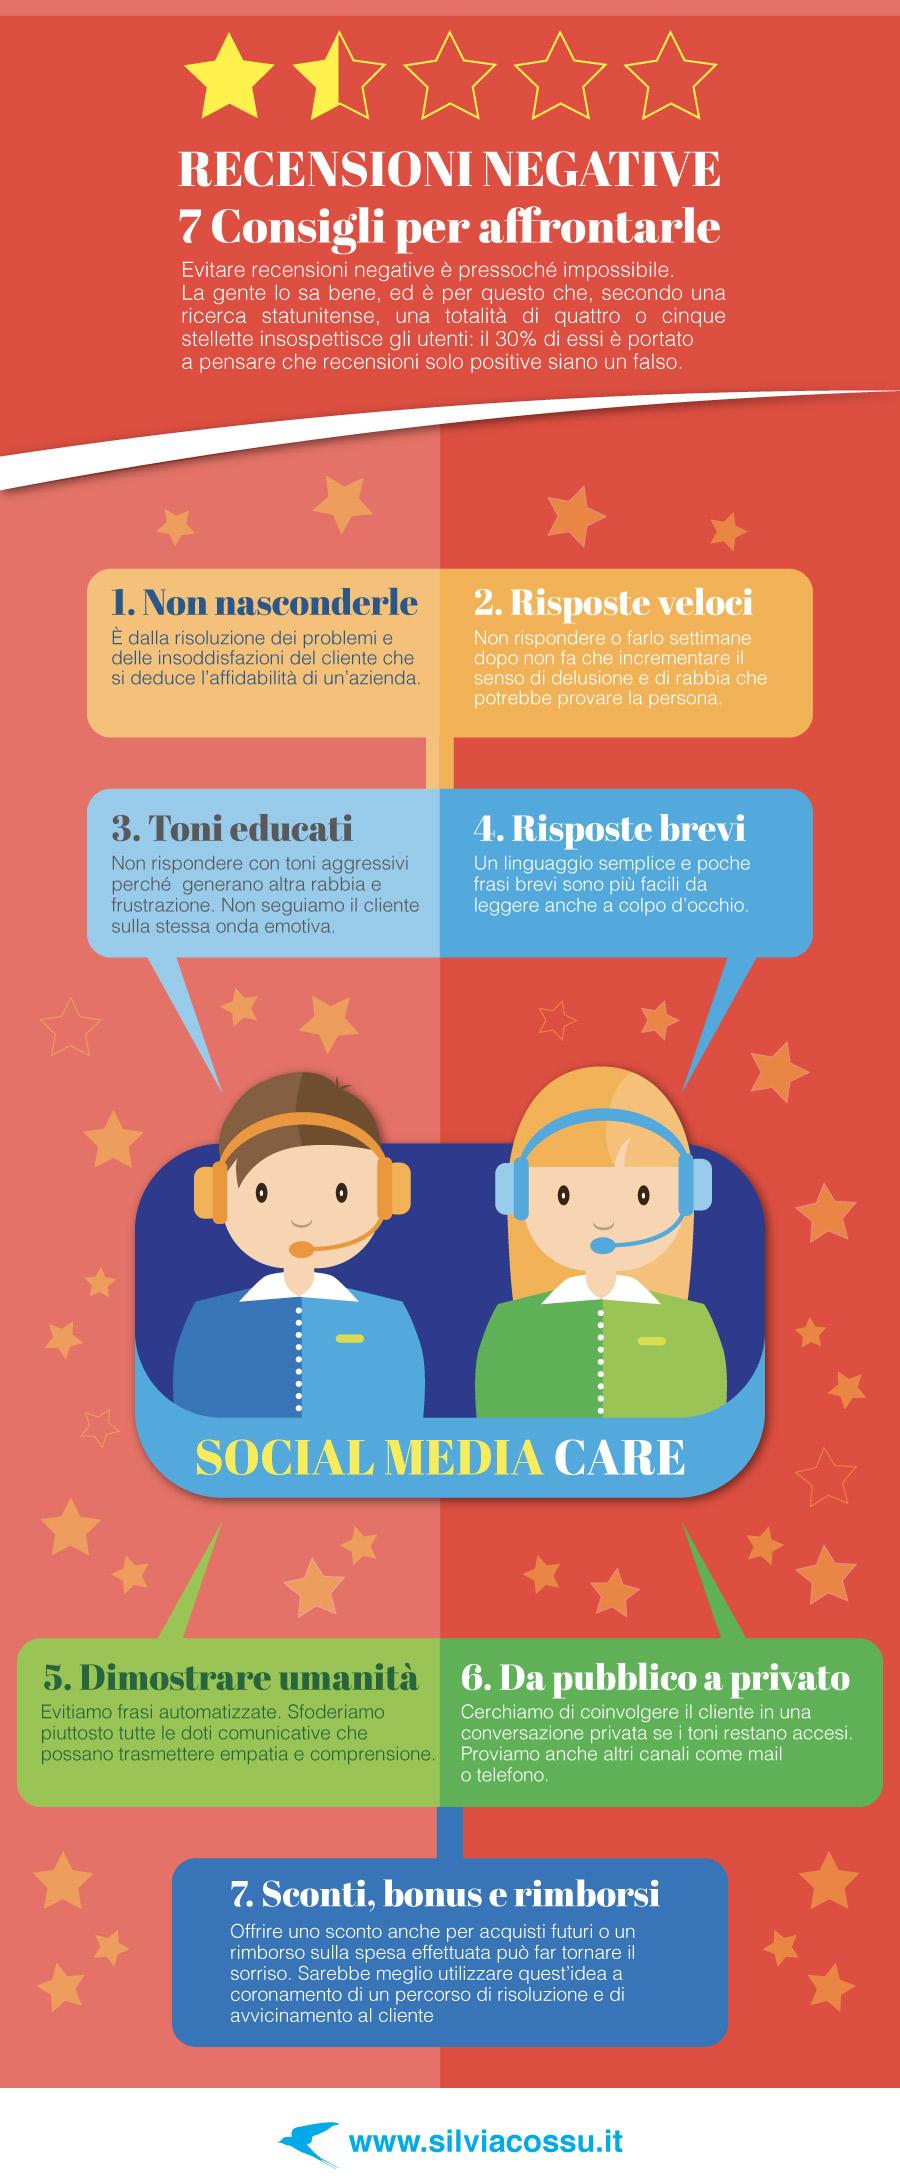 Recensioni negative sui Social: un incubo o un'occasione da volgere a tuo vantaggio?